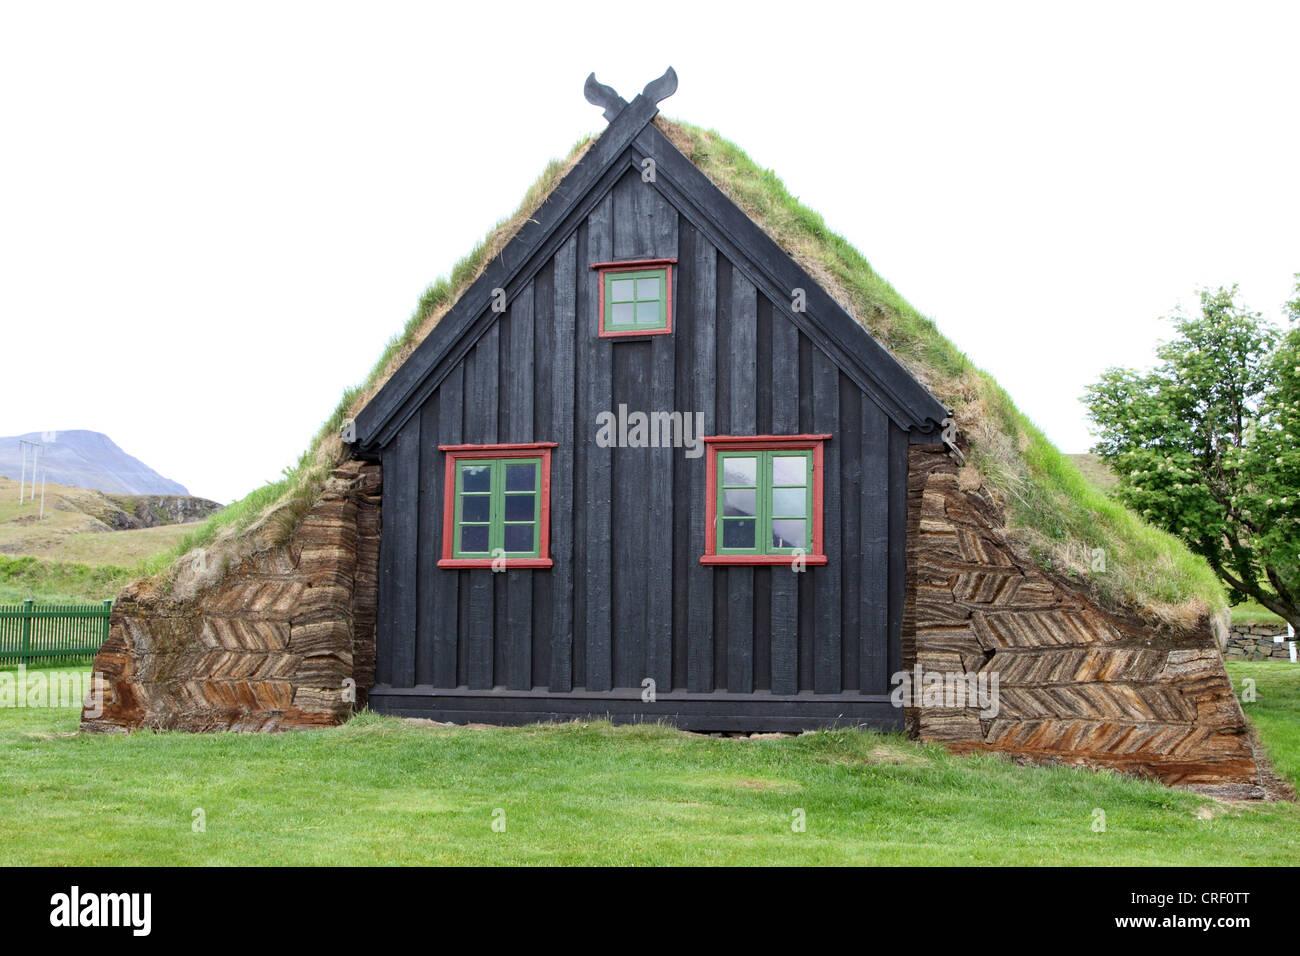 sod house church near Vidimyrarkirkja, Iceland, Vidimyrarkirkja - Stock Image